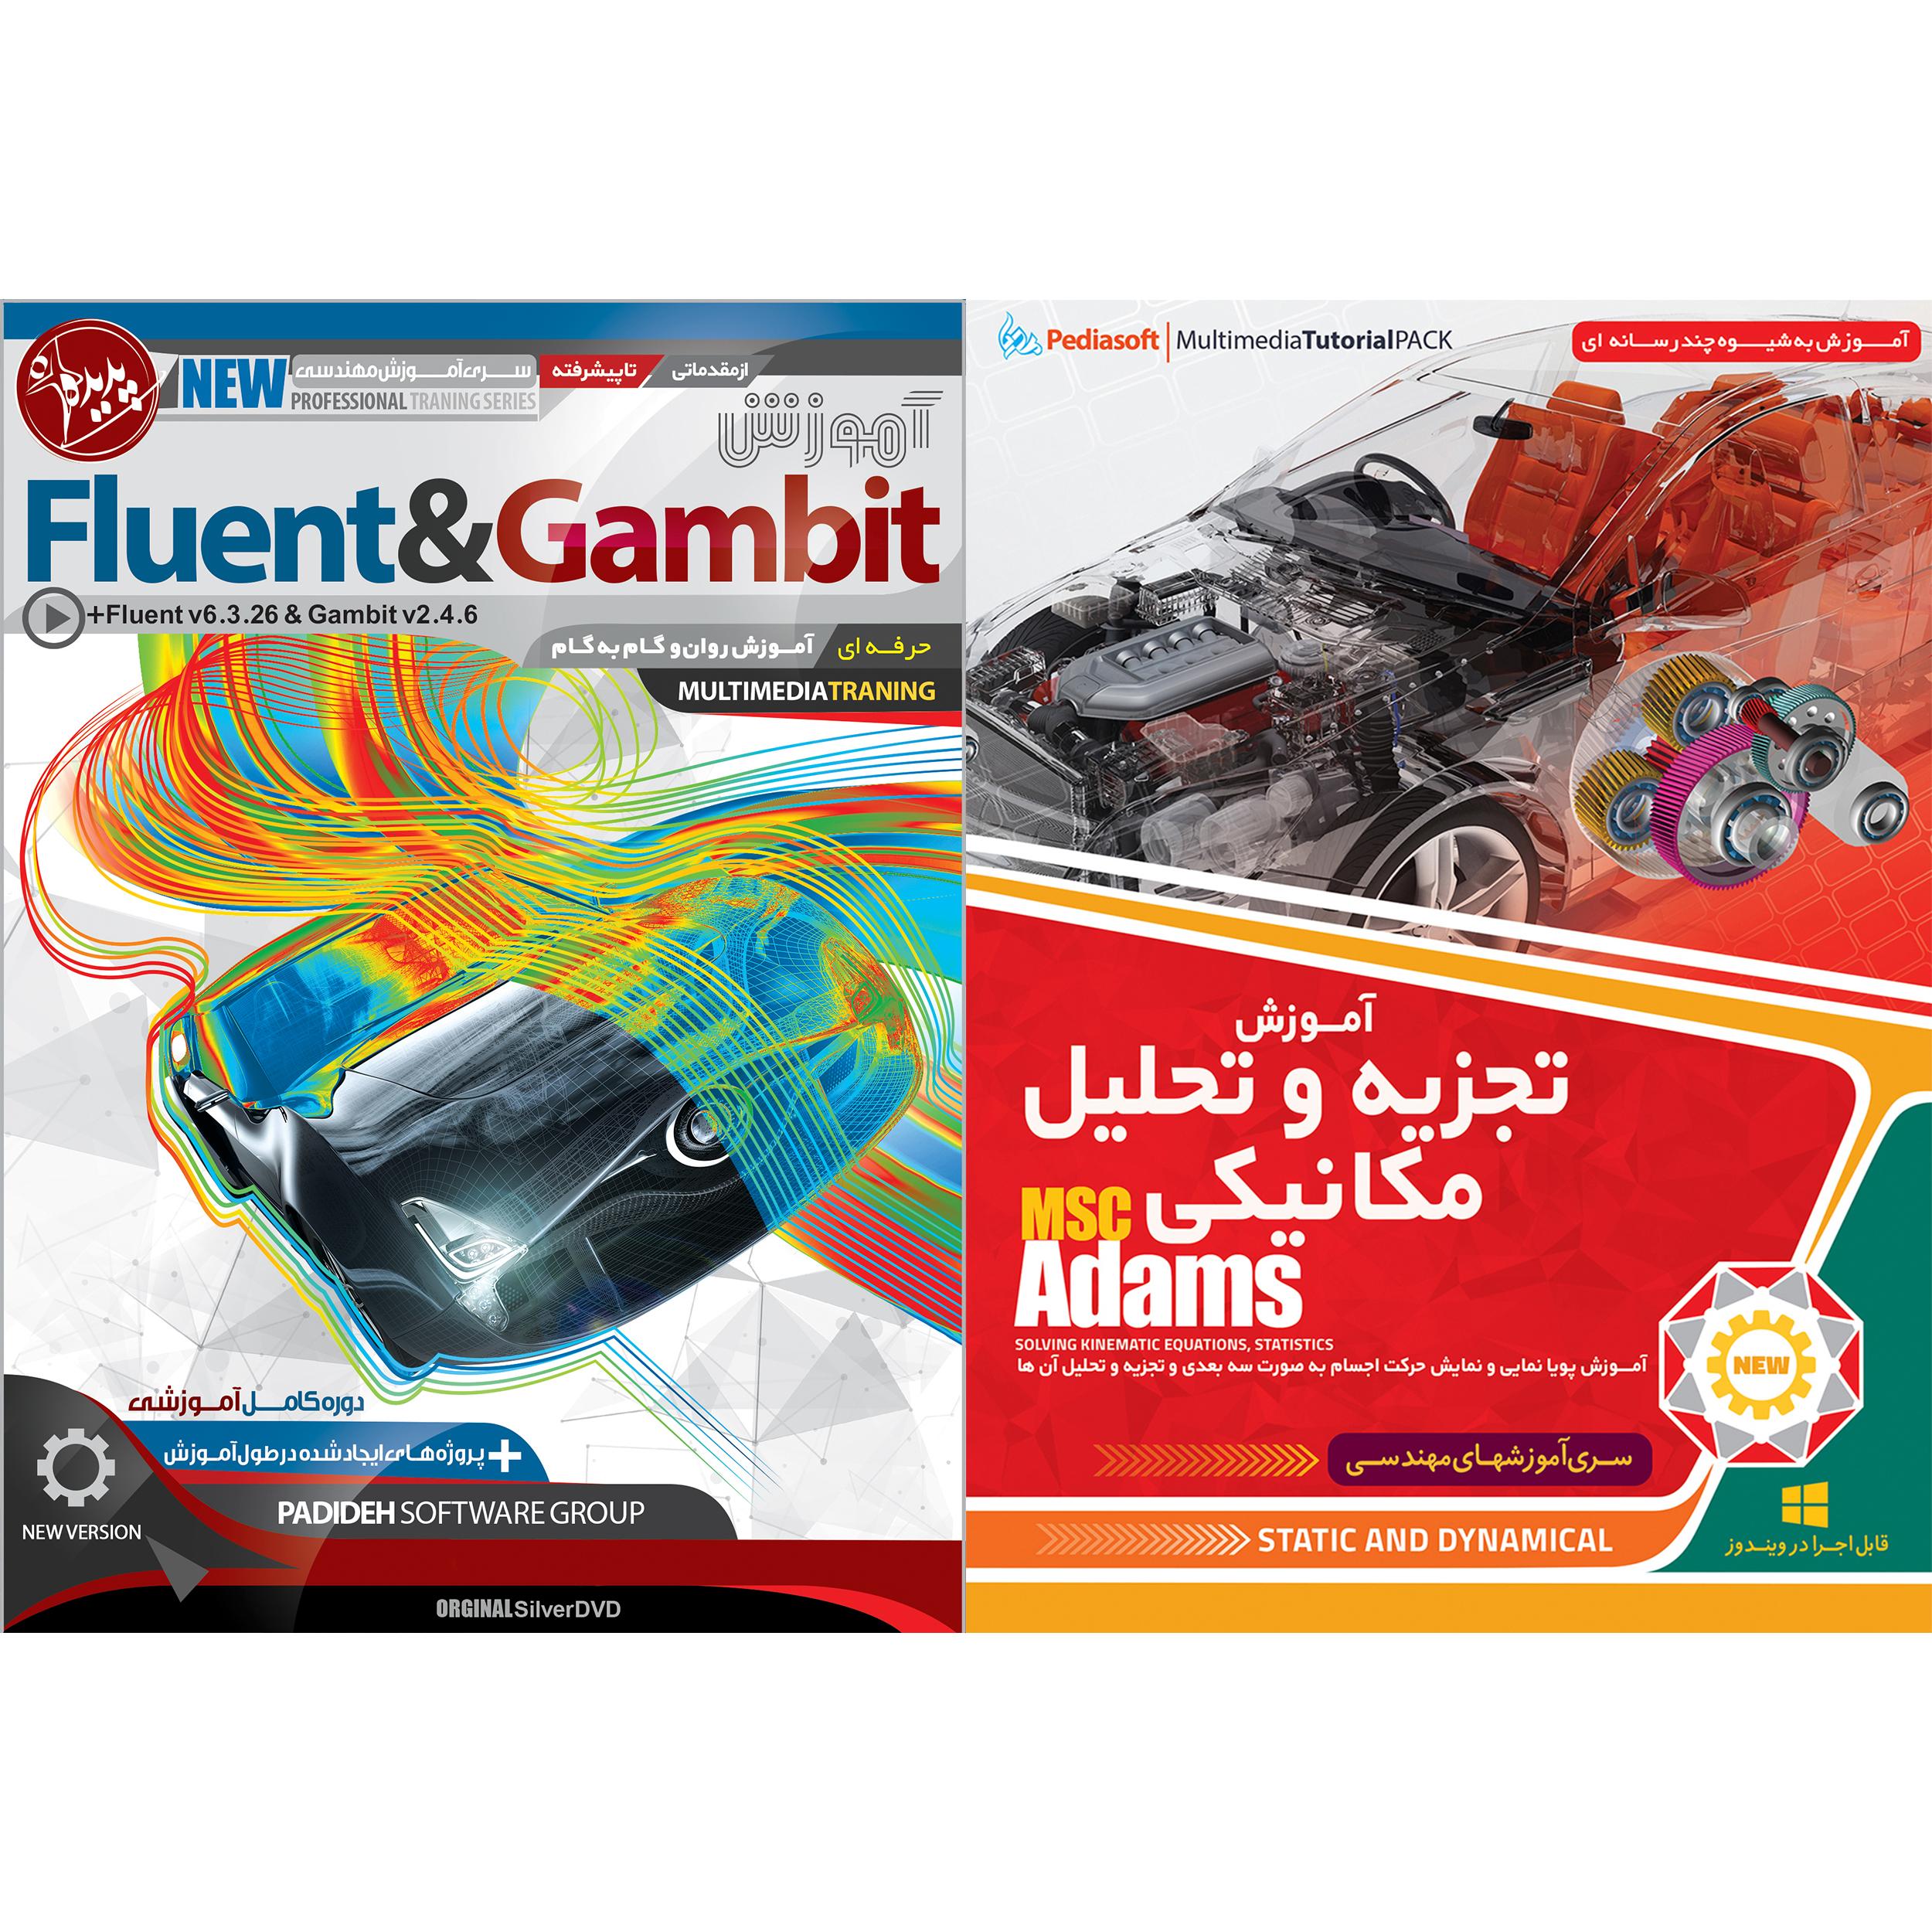 نرم افزار آموزش تجزیه و تحلیل مکانیکی MSC ADAMS نشر پدیا سافت به همراه نرم افزار آموزش FLUENT & GAMBIT نشر پدیده